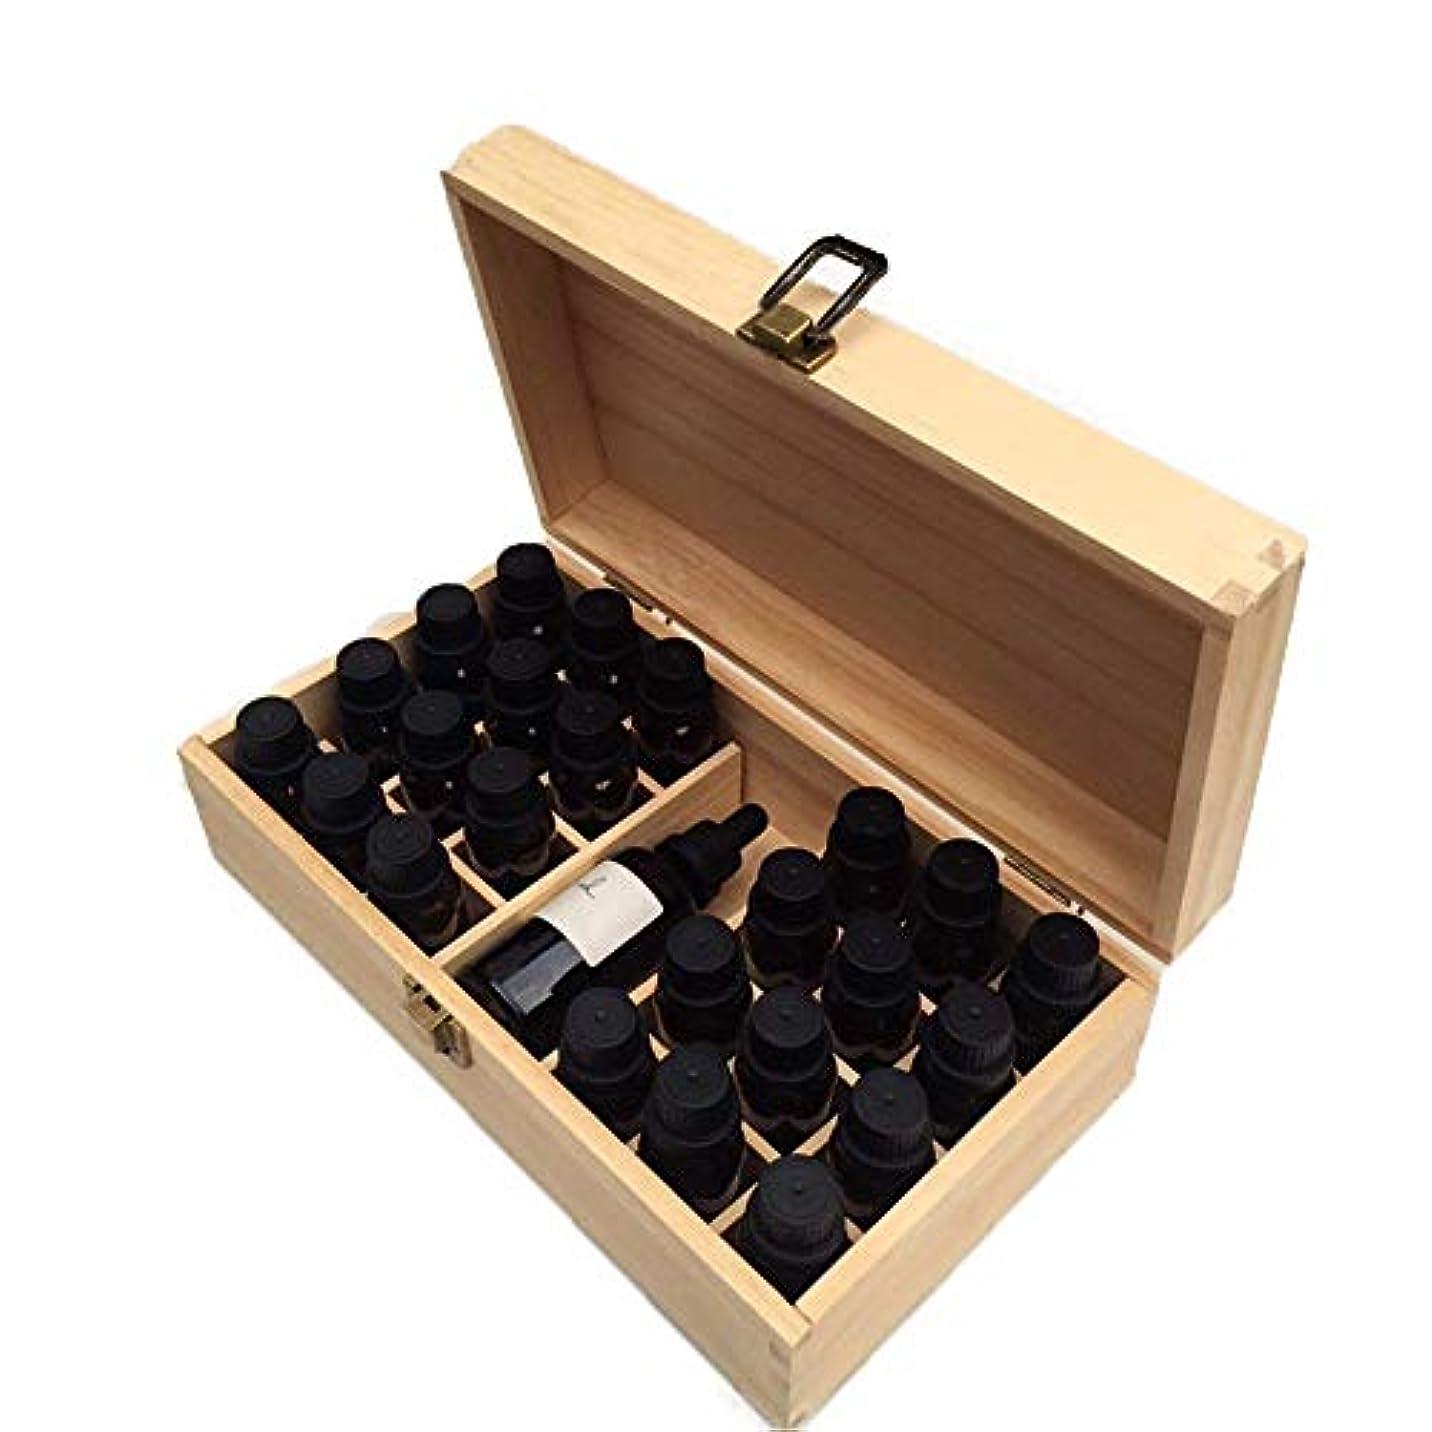 報復フリッパー遺伝子エッセンシャルオイルの保管 ストレージボックスでは、安全に油を維持するためのベストハンドル25のボトル木製のエッセンシャルオイル (色 : Natural, サイズ : 27X15X9CM)